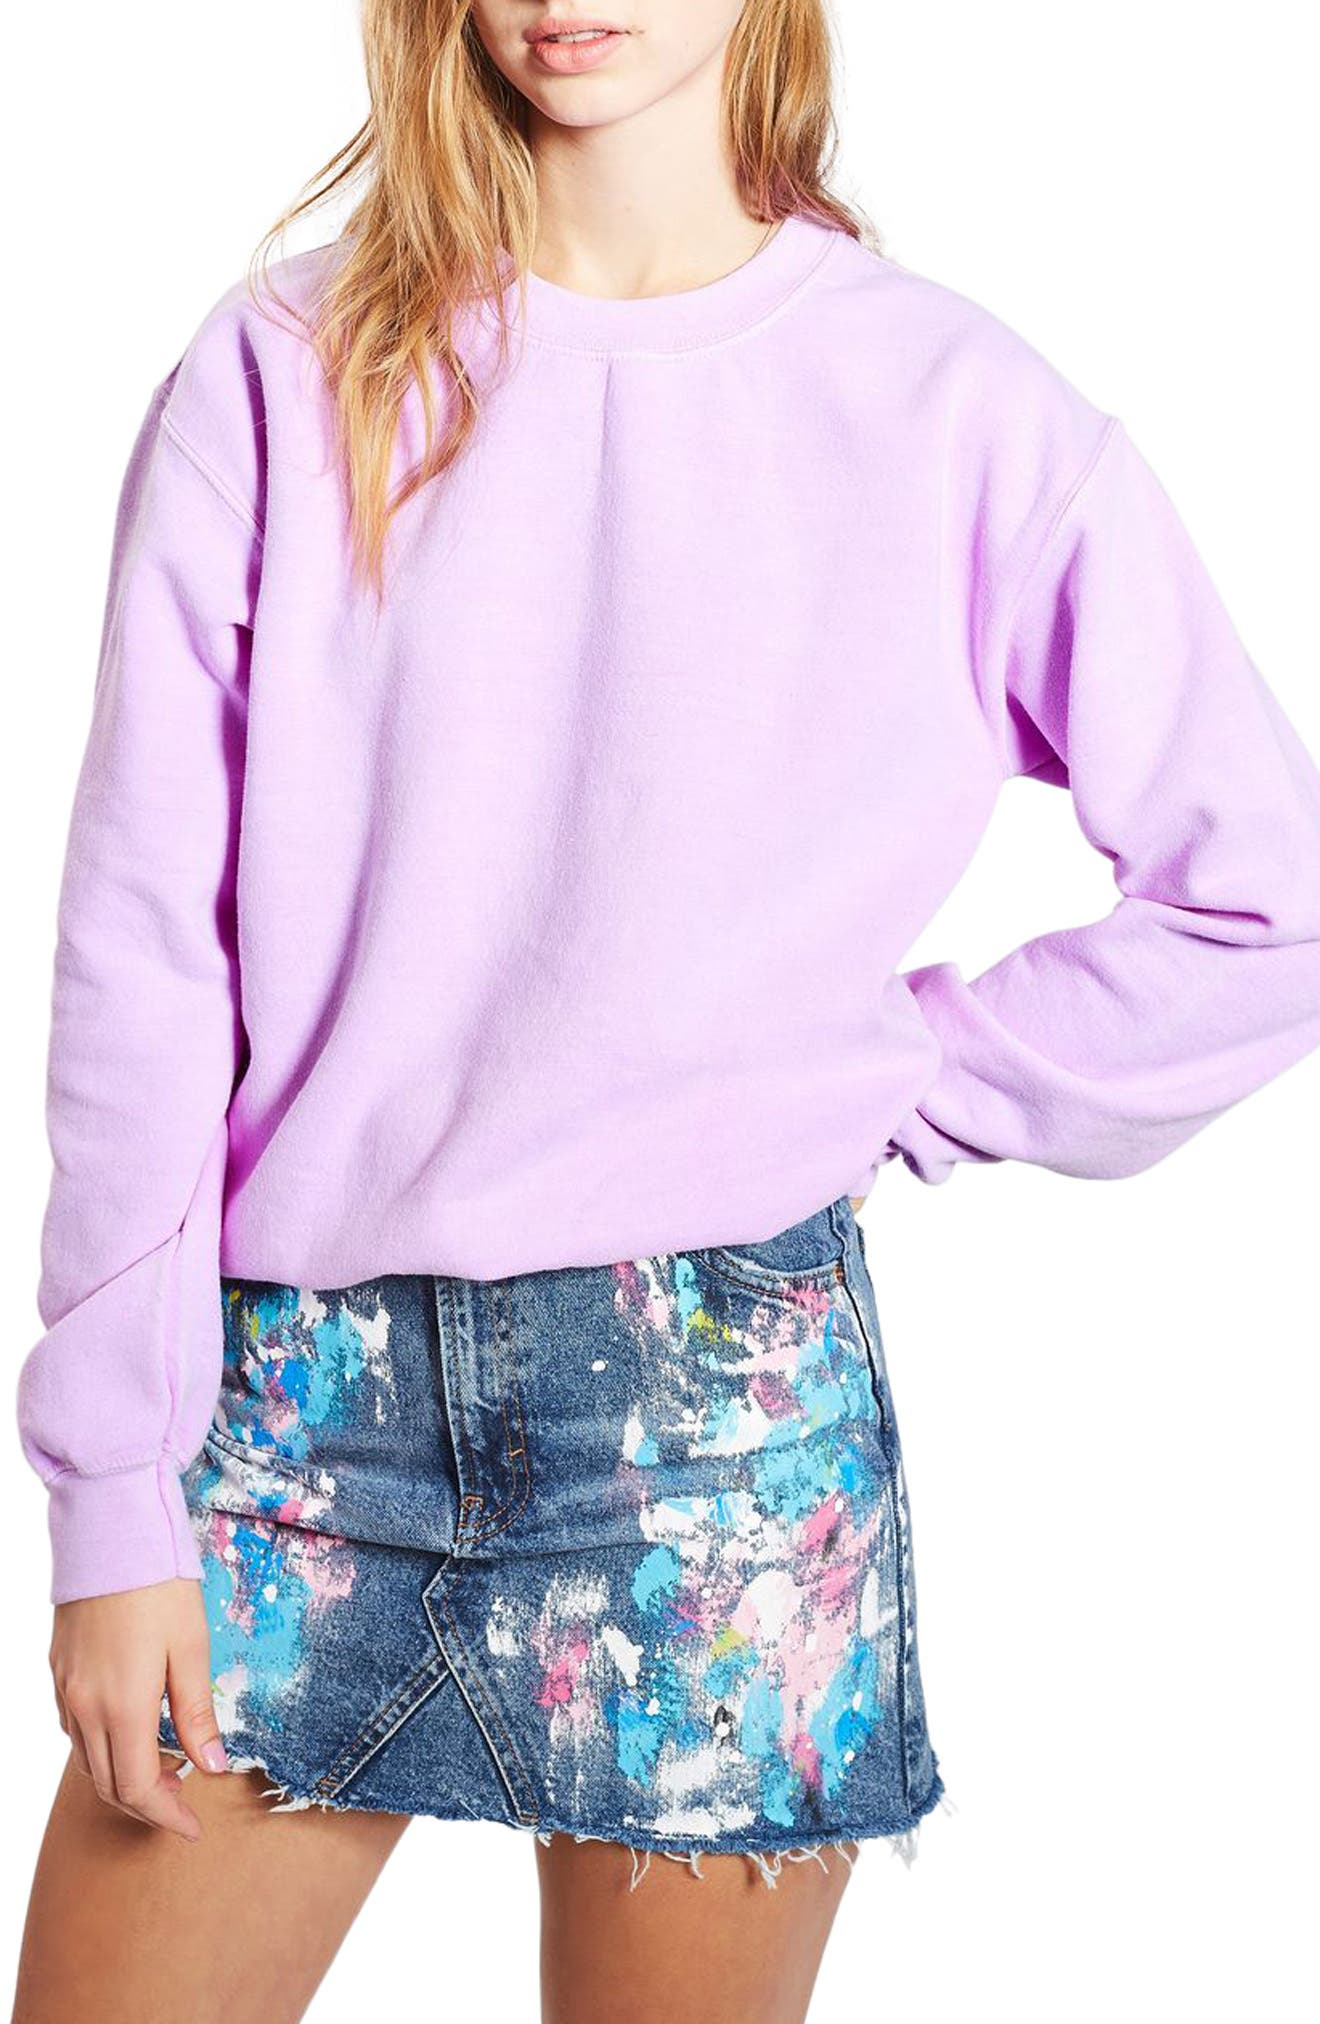 Topshop Fluorescent Sweatshirt